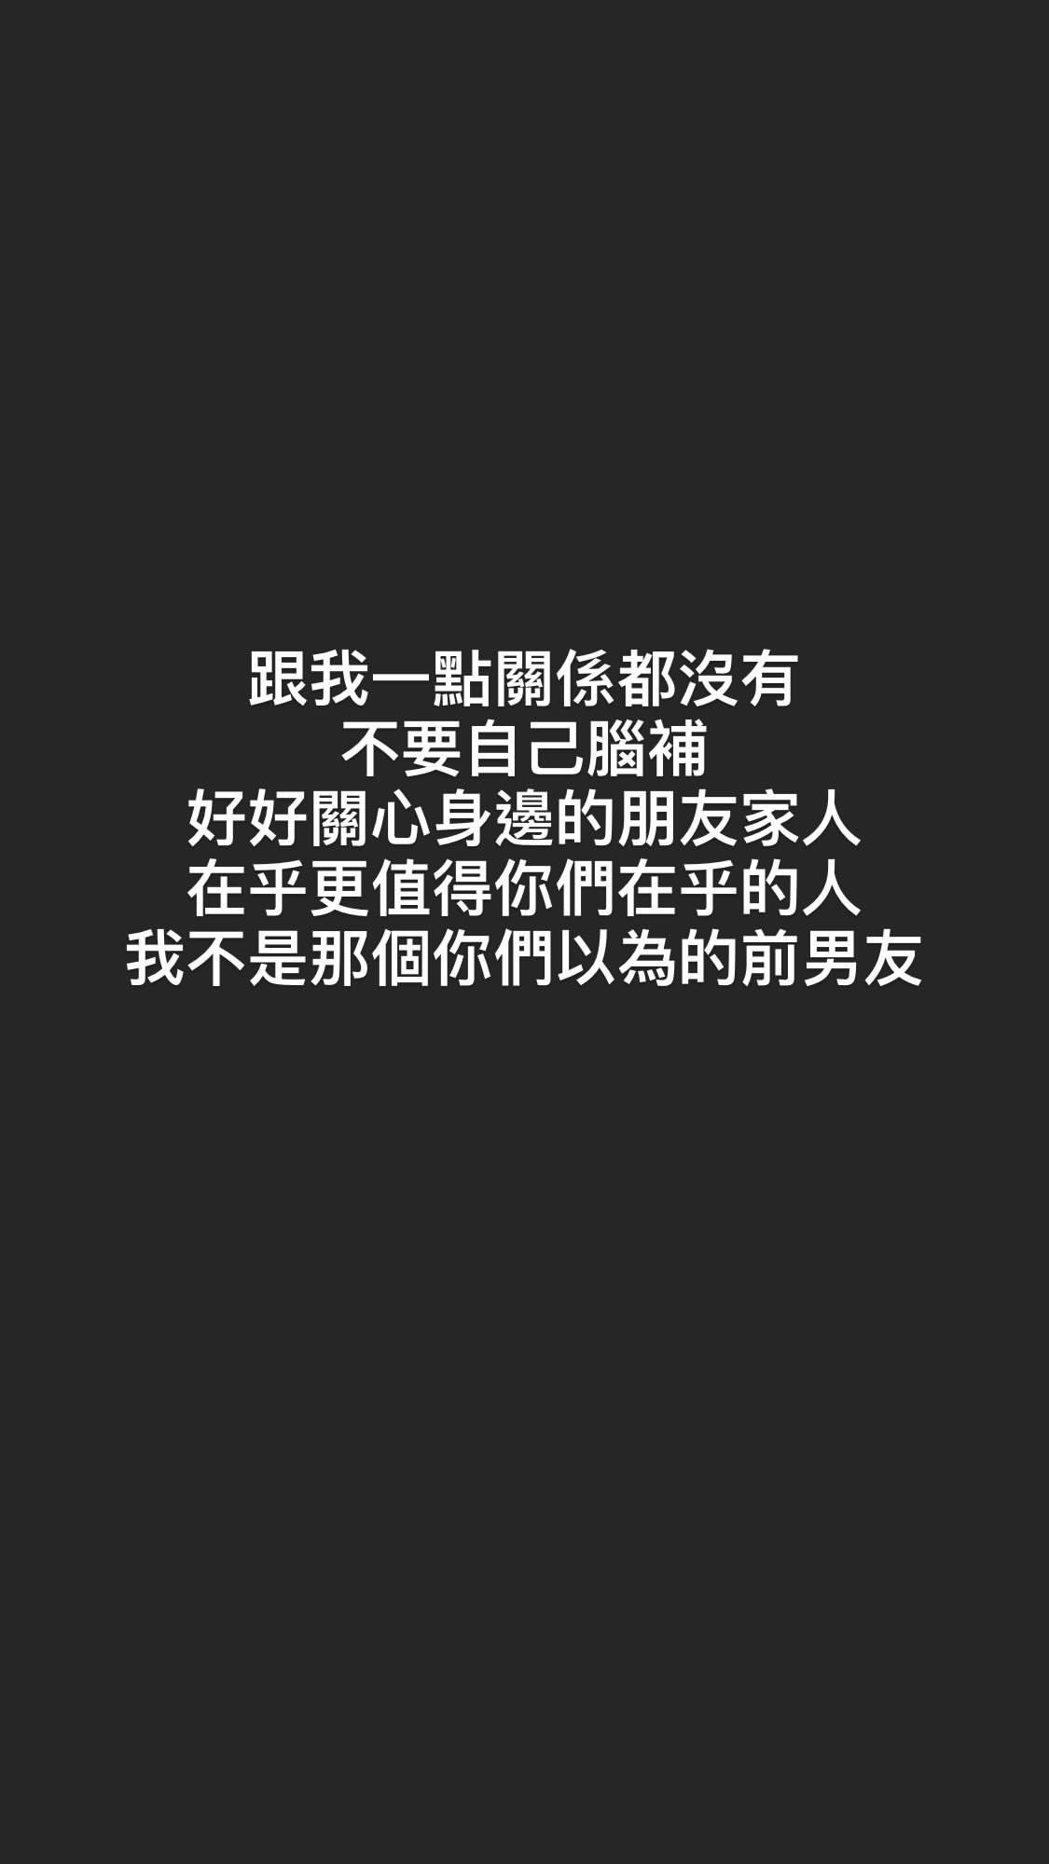 吳是閎澄清不是莉婭的前男友 圖/擷自吳是閎IG